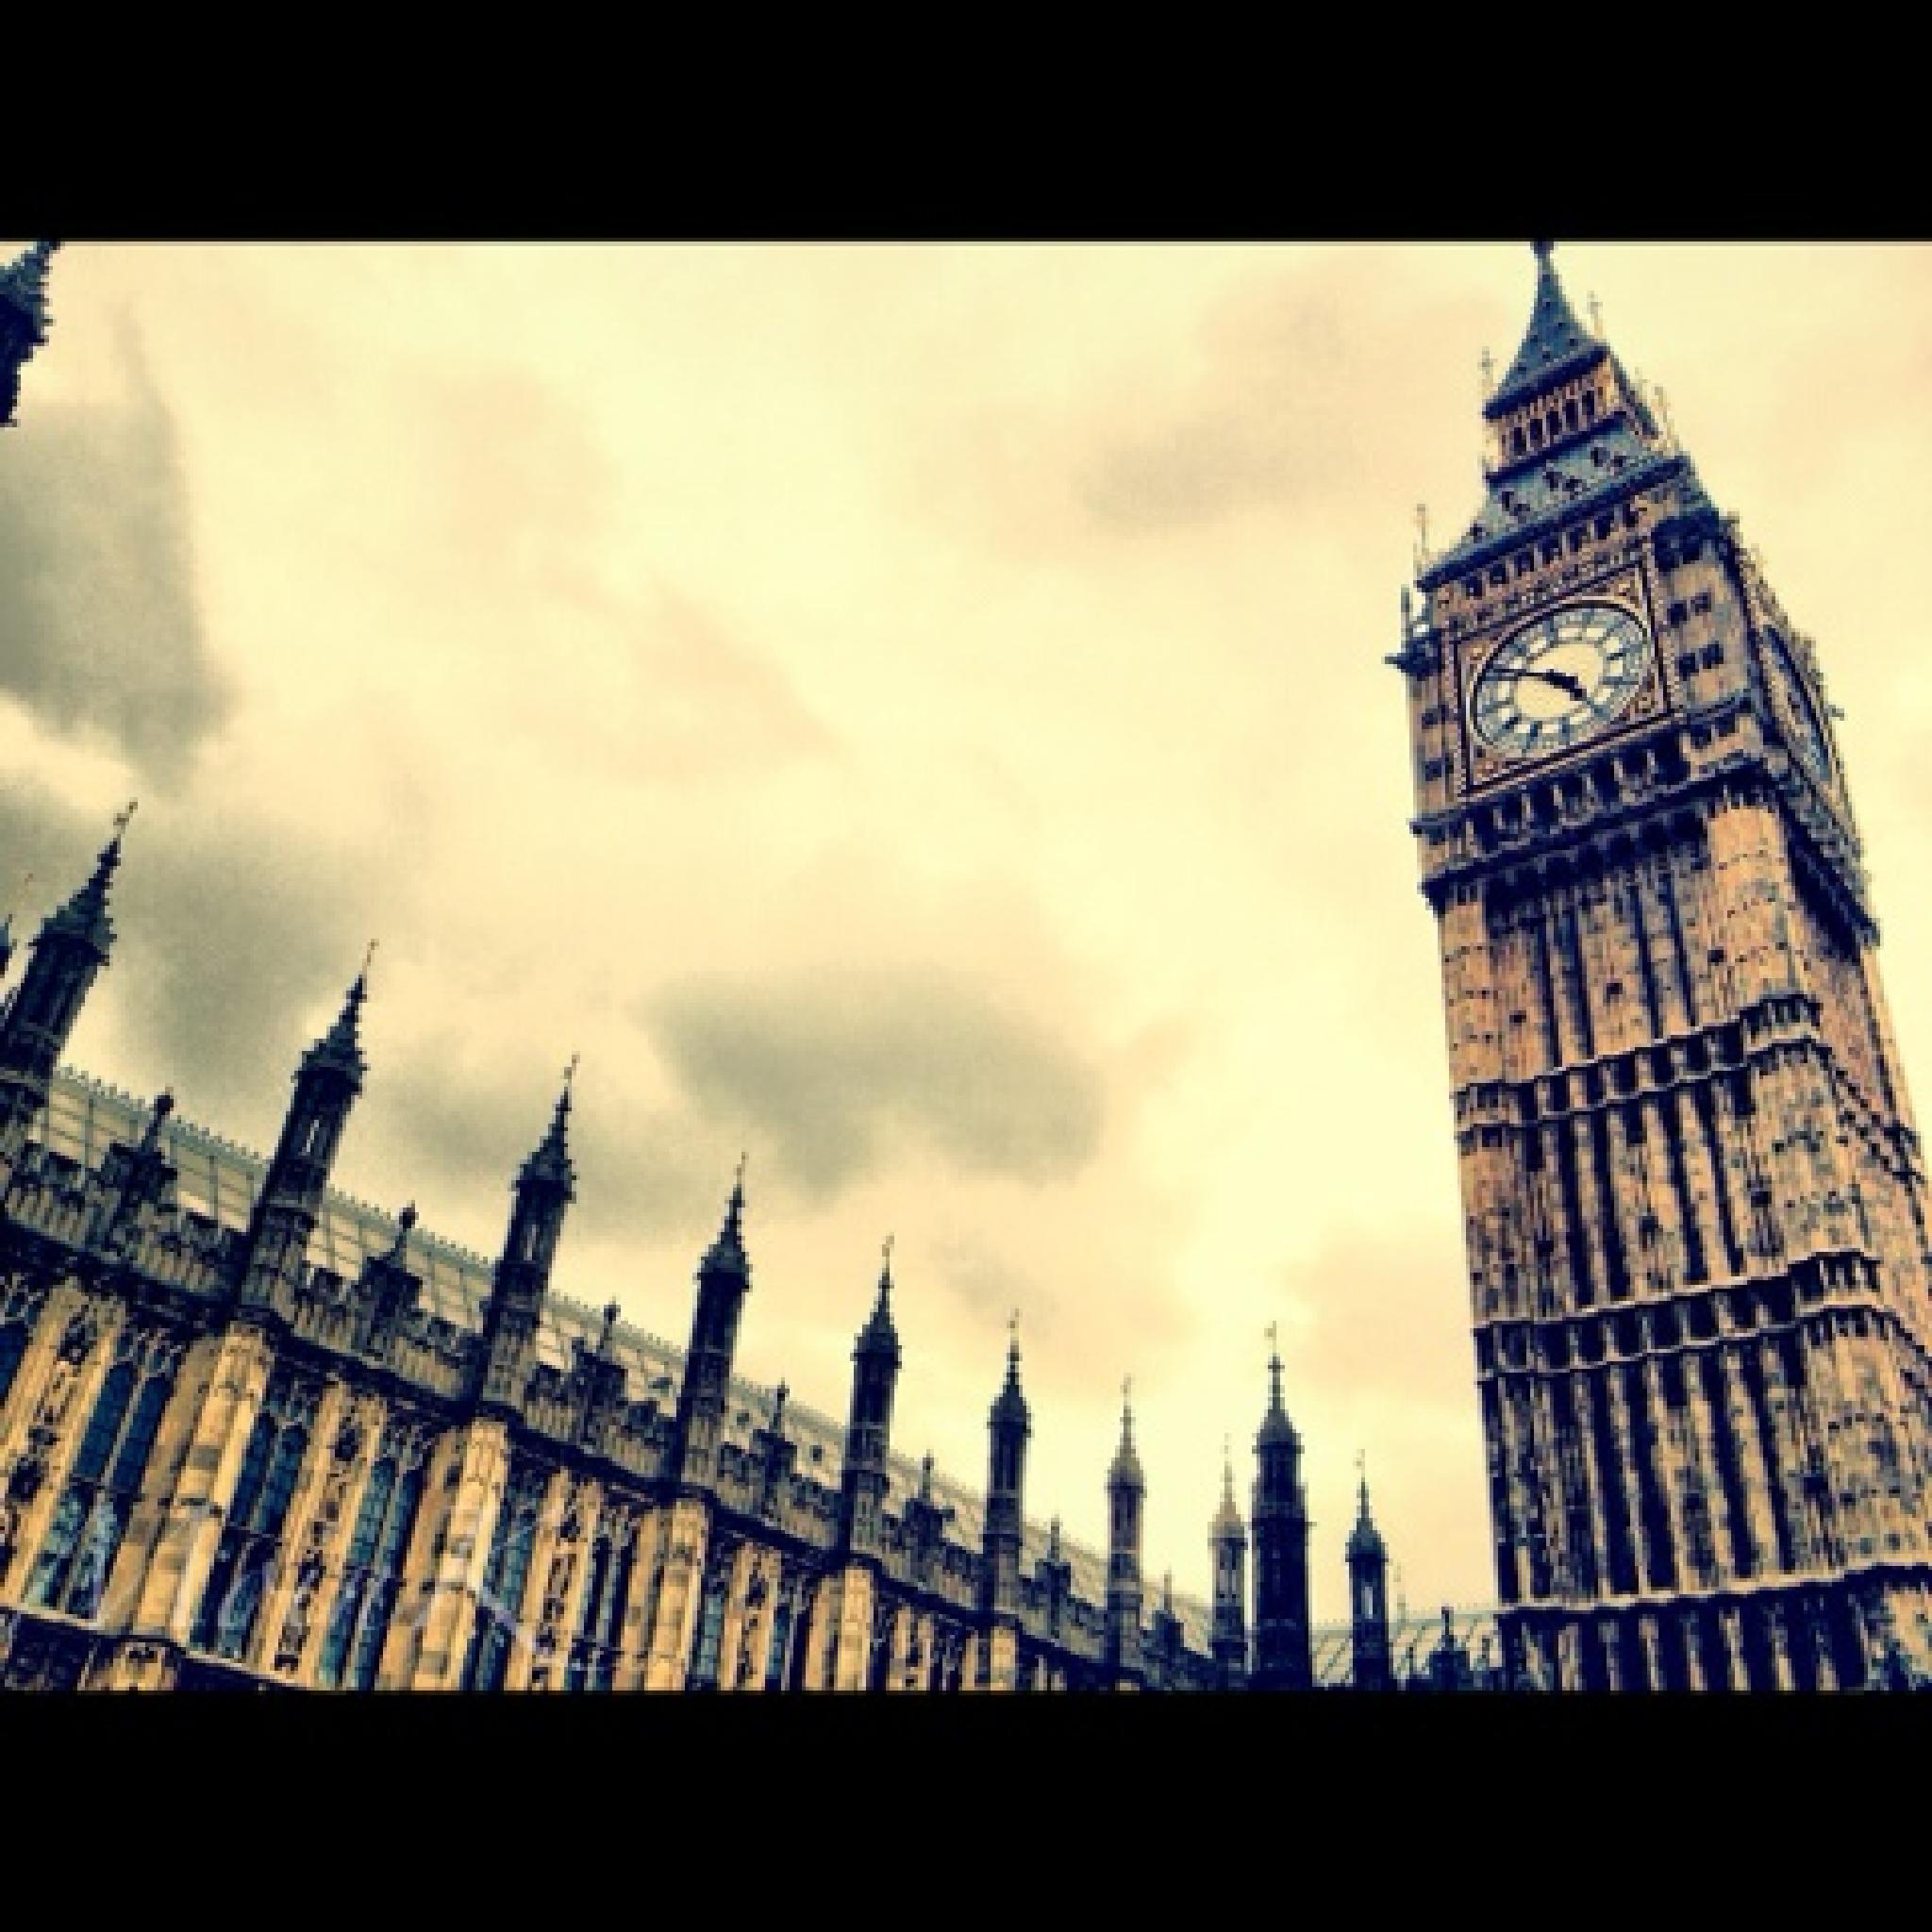 London's Big Ben by Michelangelo Macanas